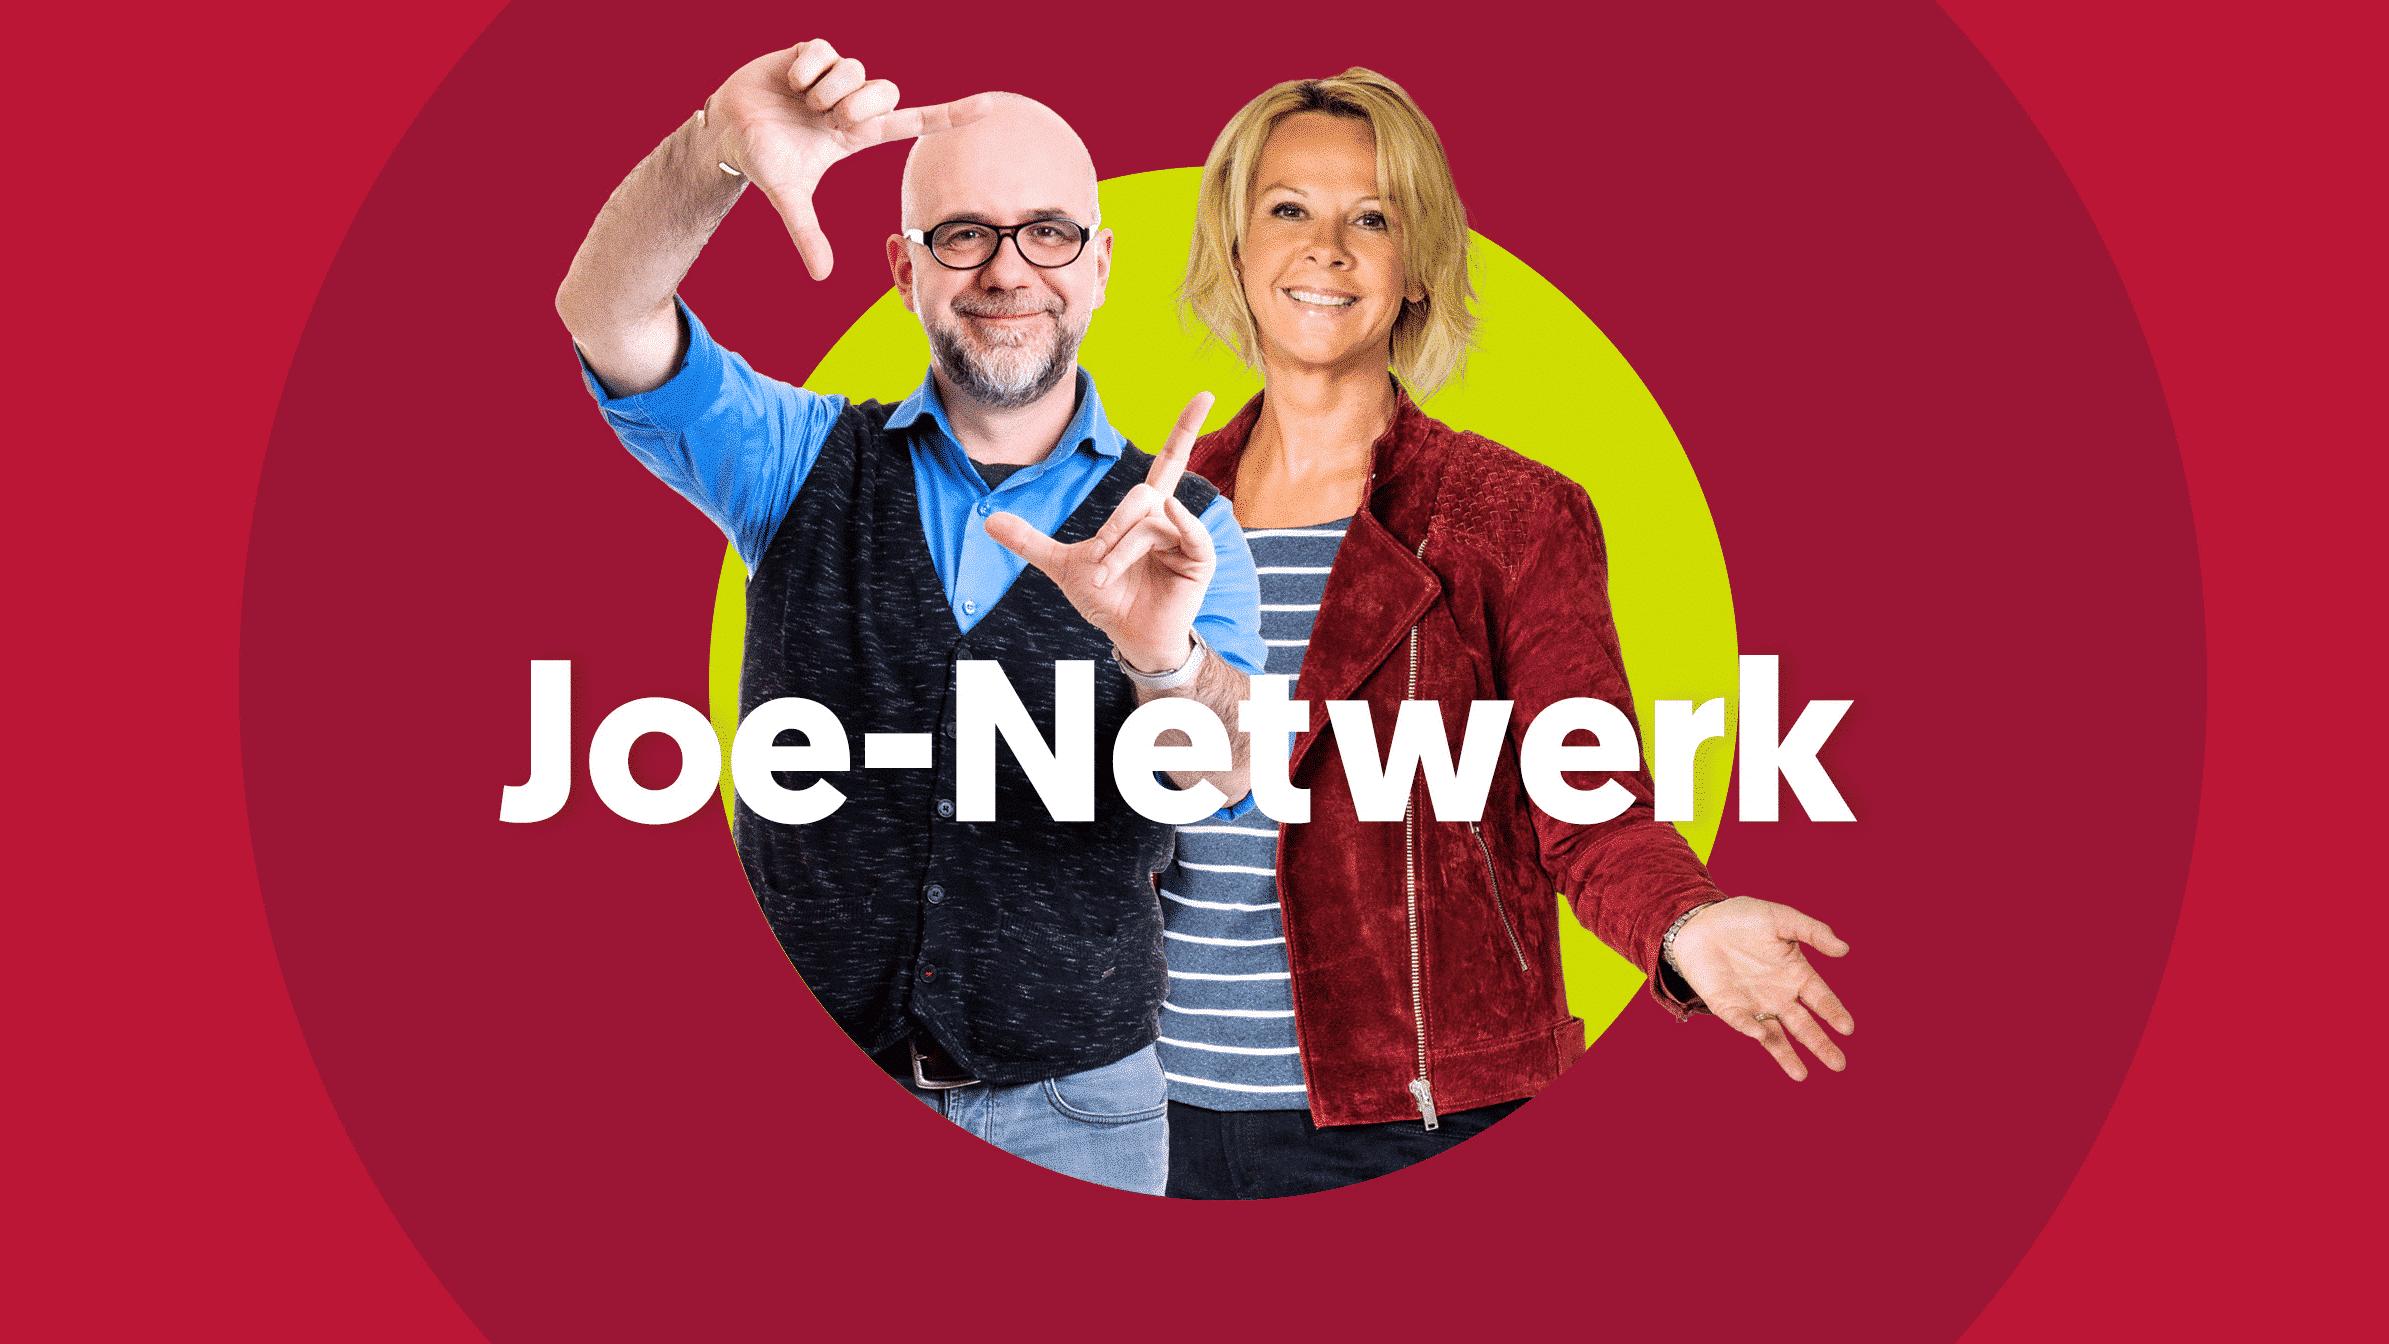 Joe-Netwerk interview Funkey